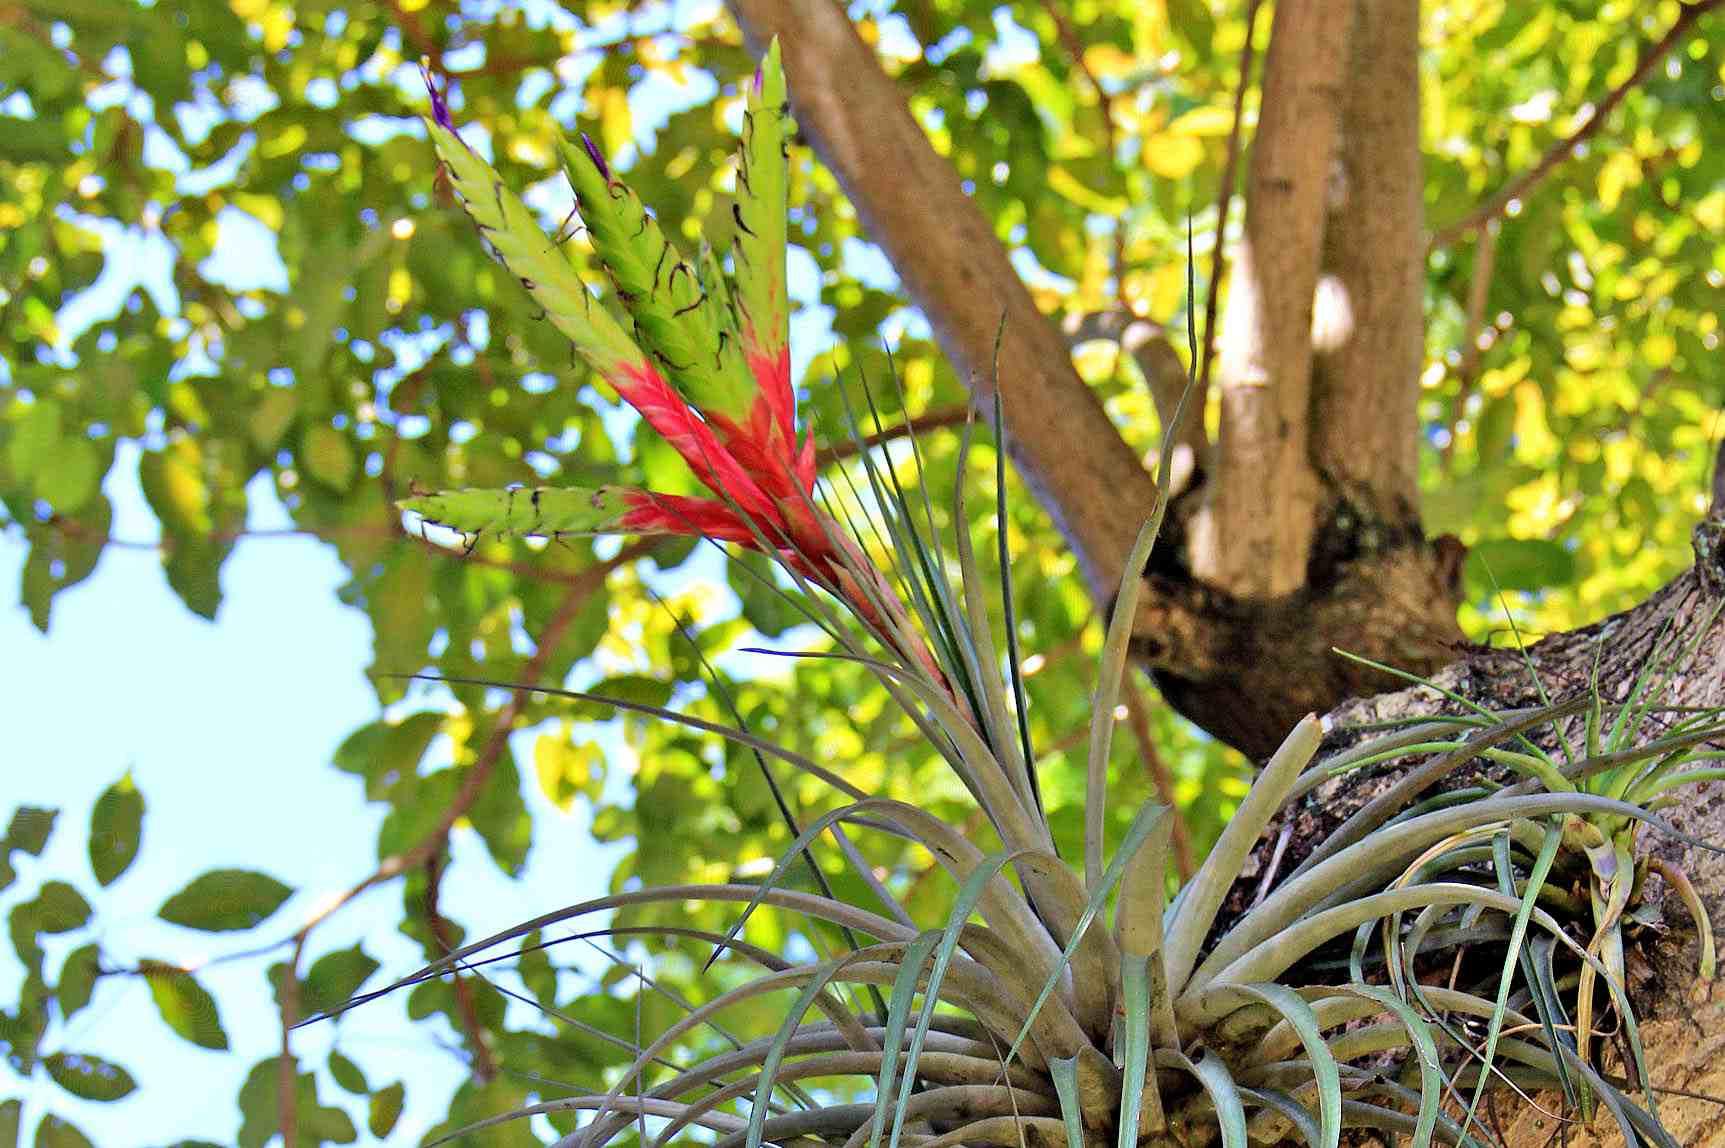 Planta de aire - Tillandsia fasciculata